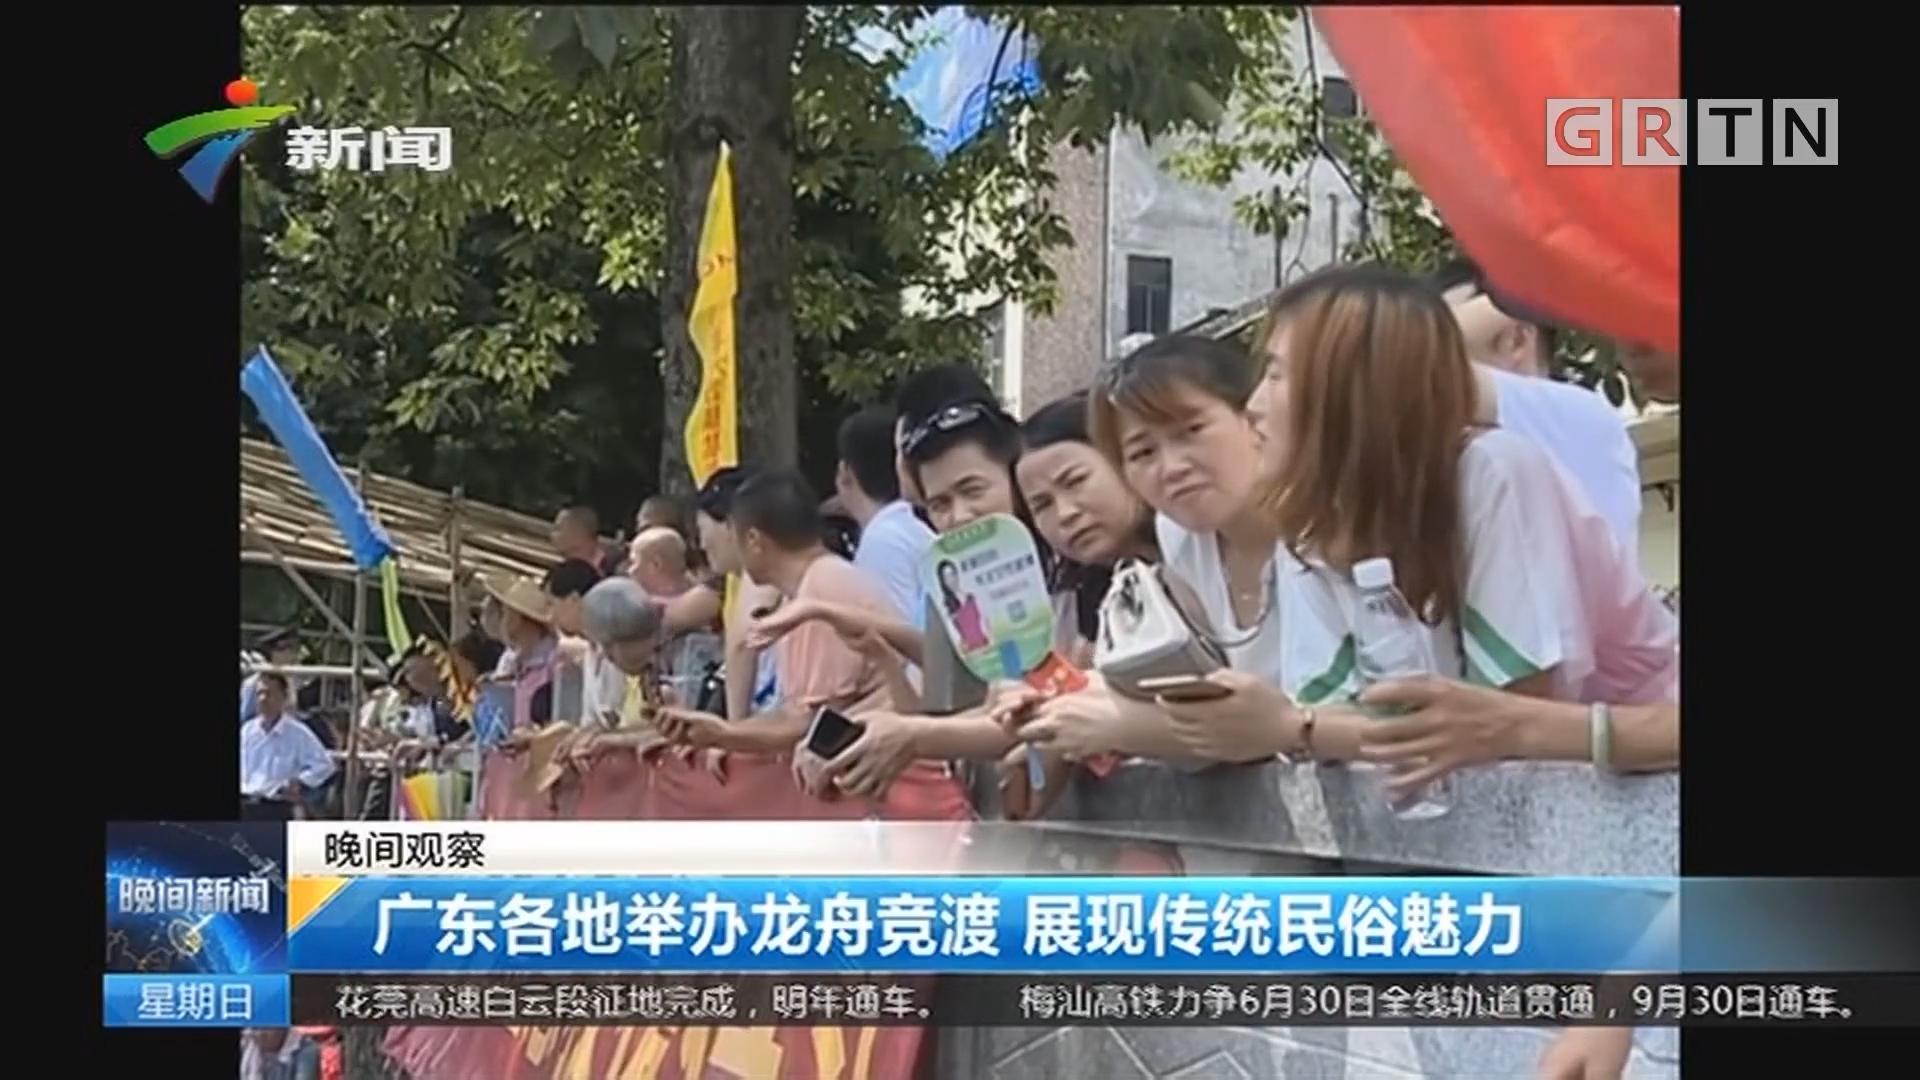 广东各地举办龙舟竞渡 展现传统民俗魅力